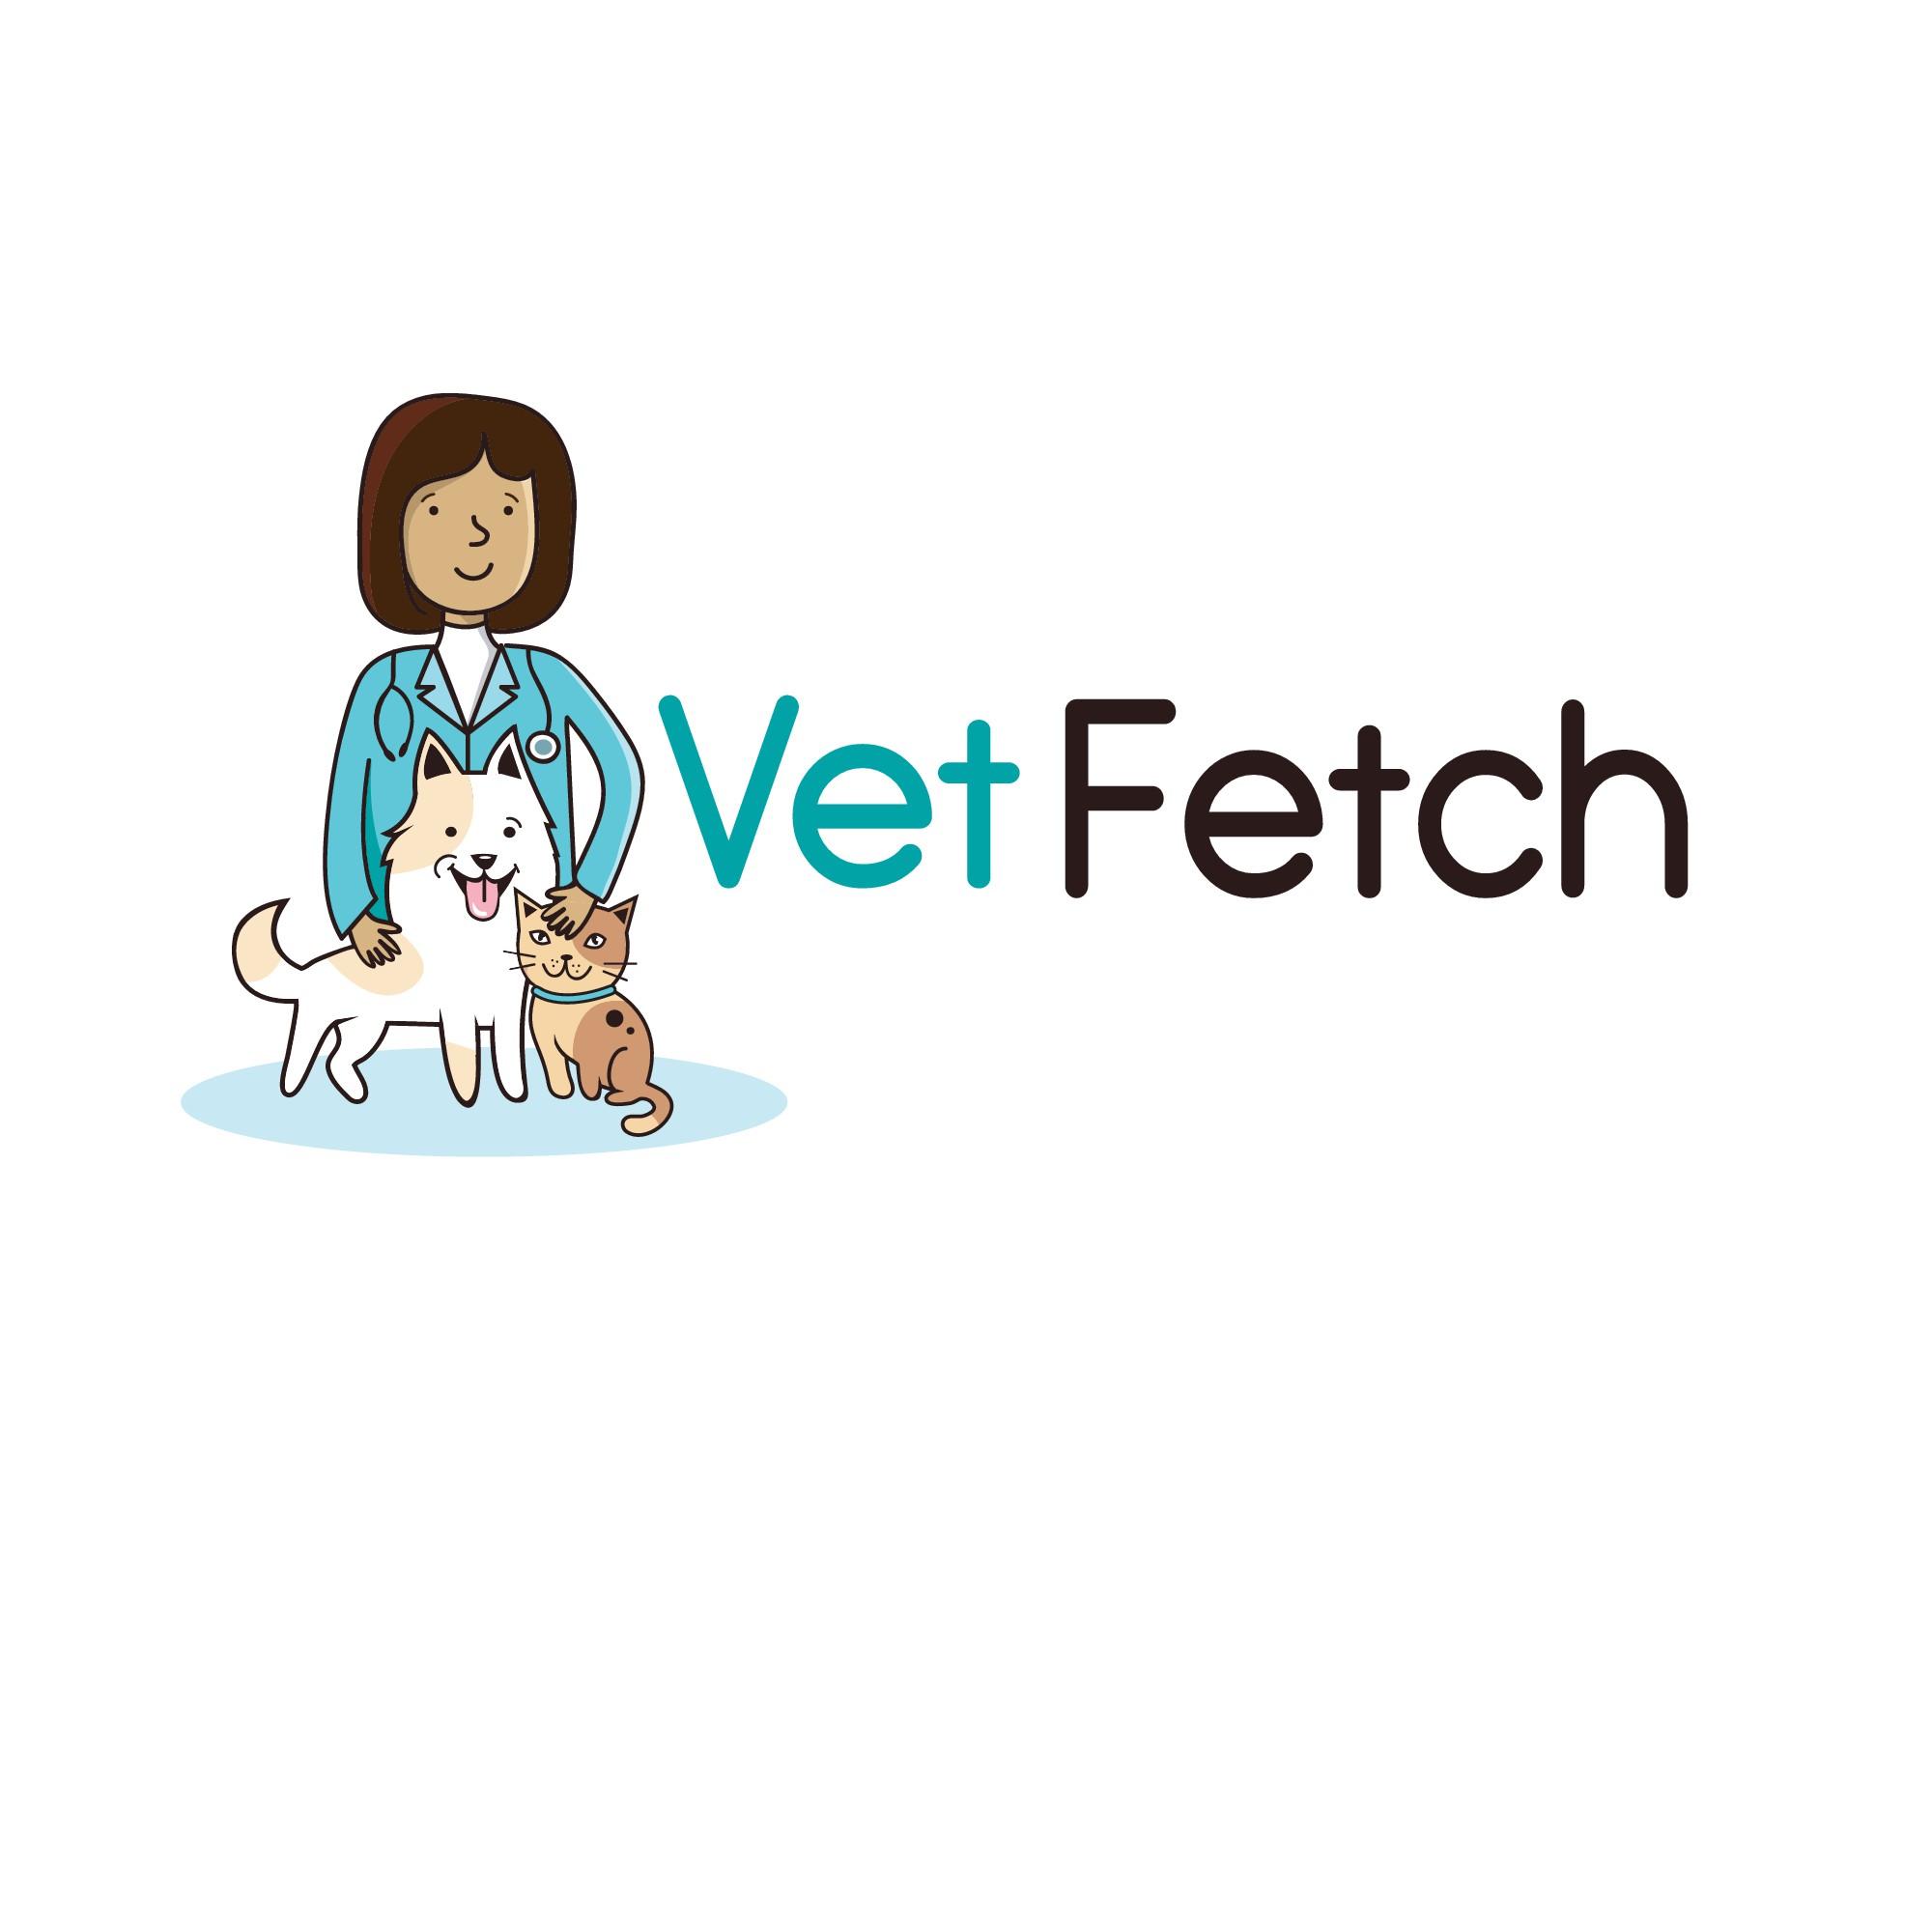 VetFetch